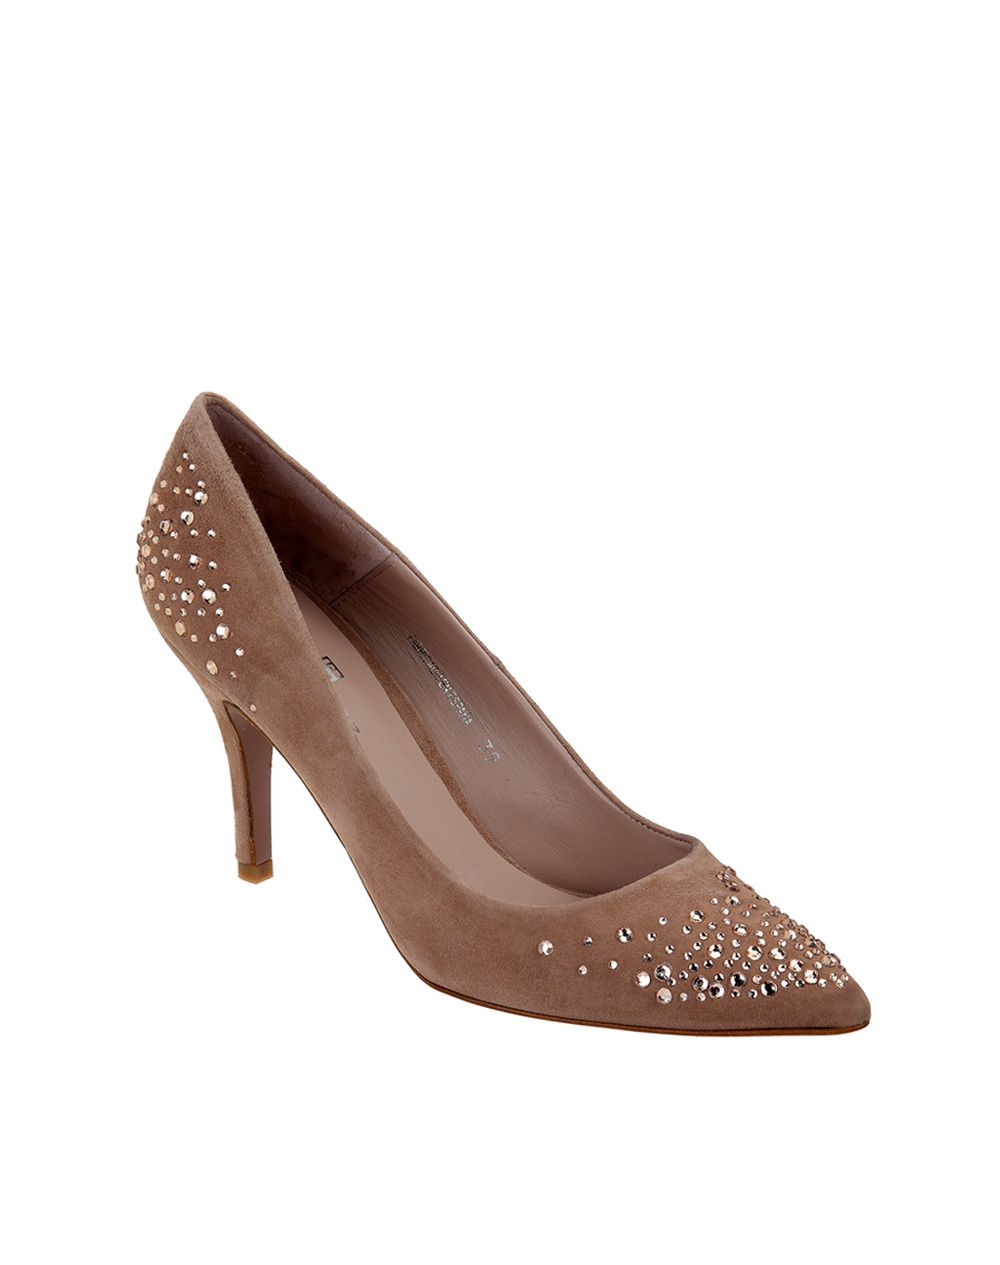 f678f182d84 Zapatos de salón Gloria Ortiz - Mujer - Zapatos - El Corte Inglés - Moda